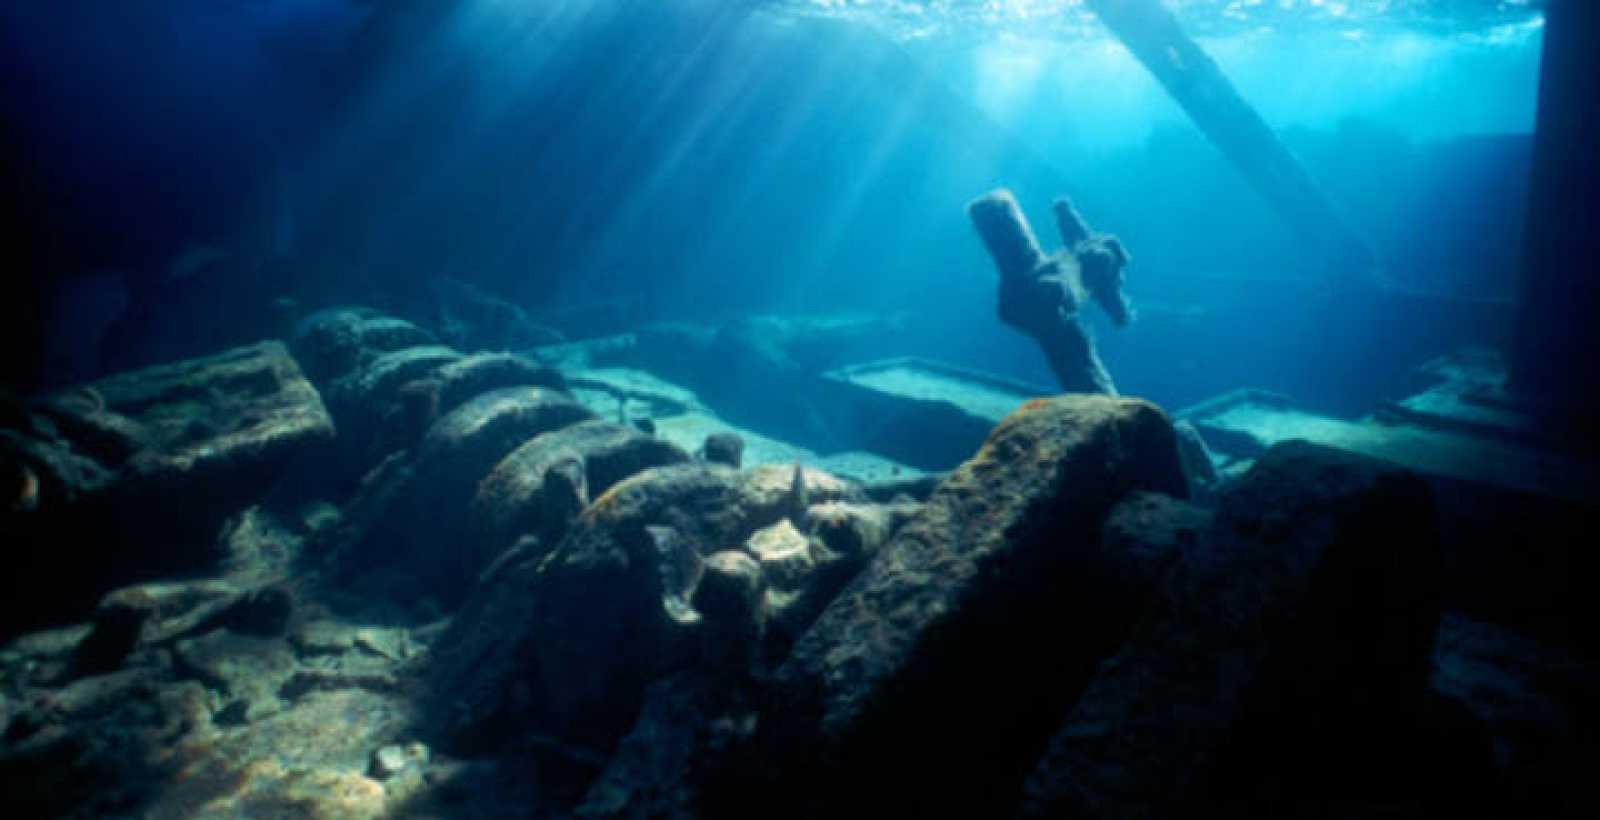 Restos del naufragio de un buque. El descubierto en Tonga en de principios del siglo XIX